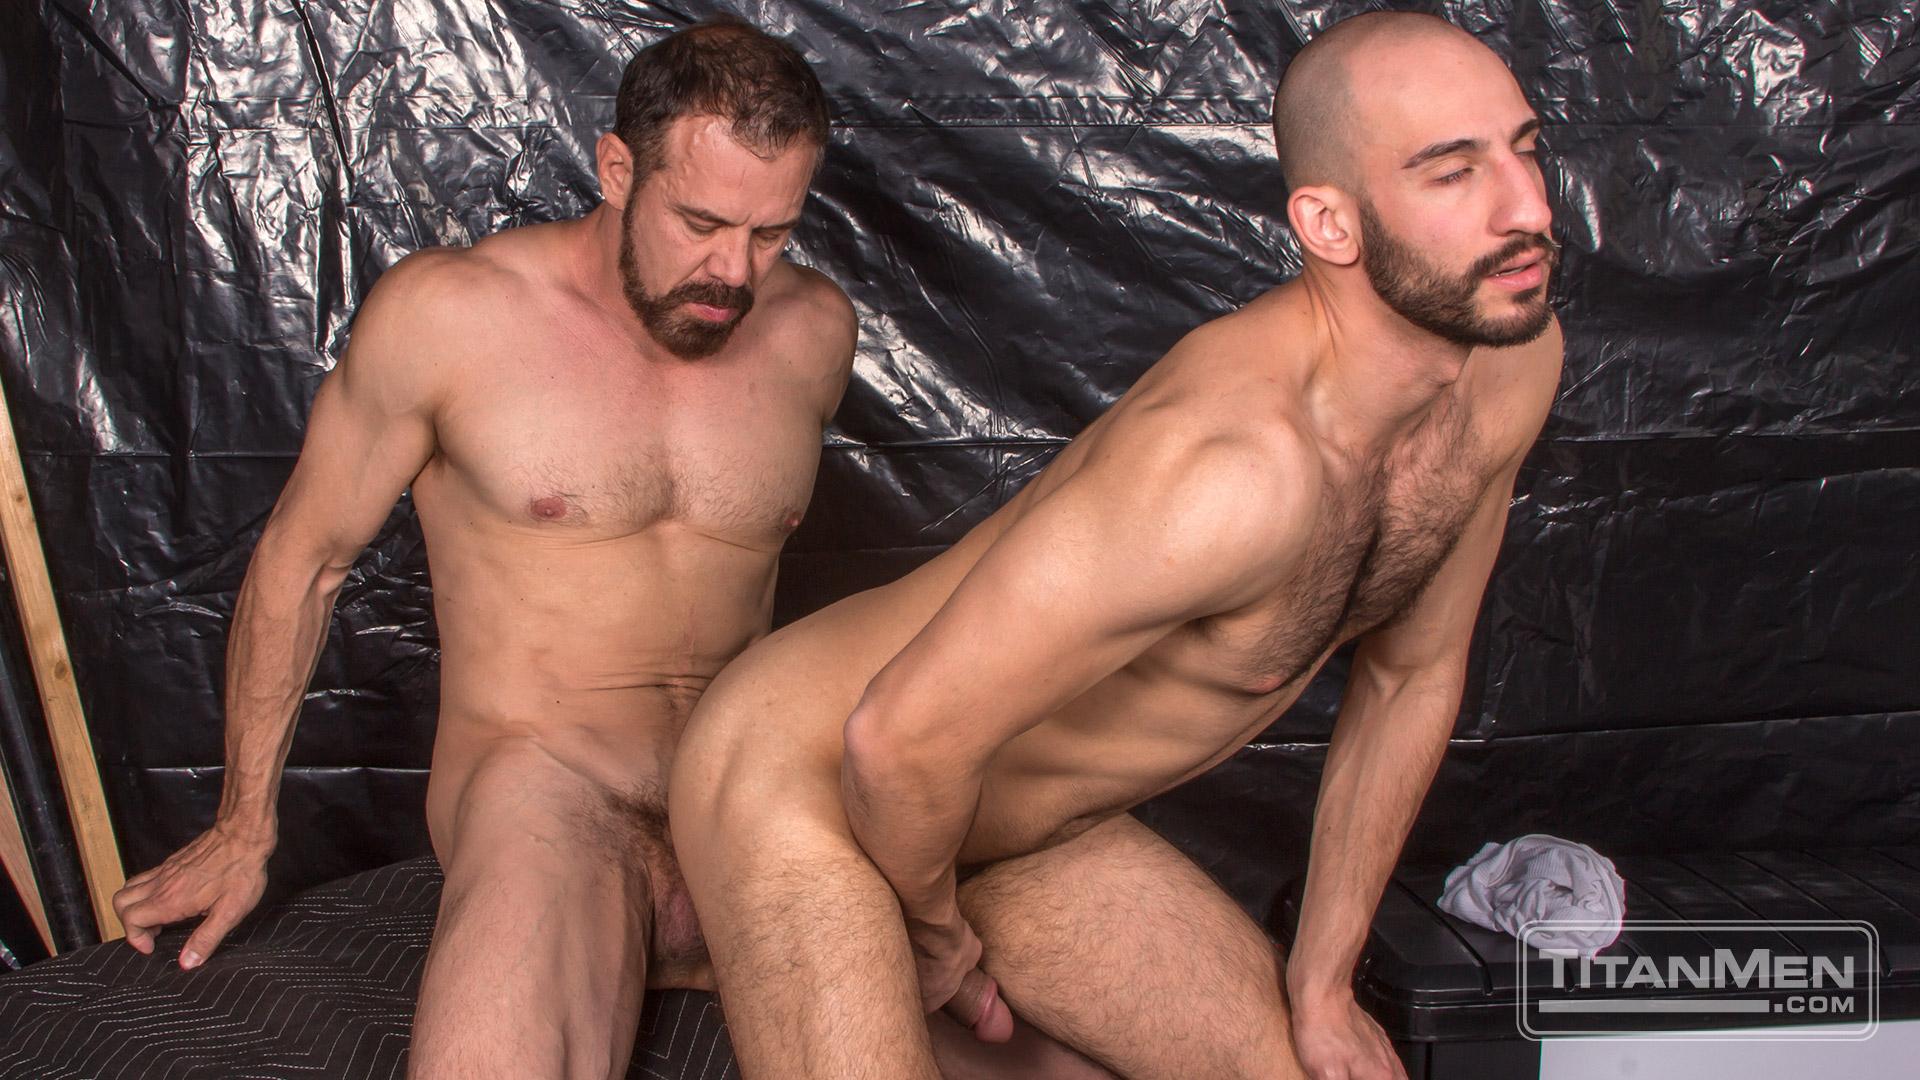 Eric Nero and Max Sargent